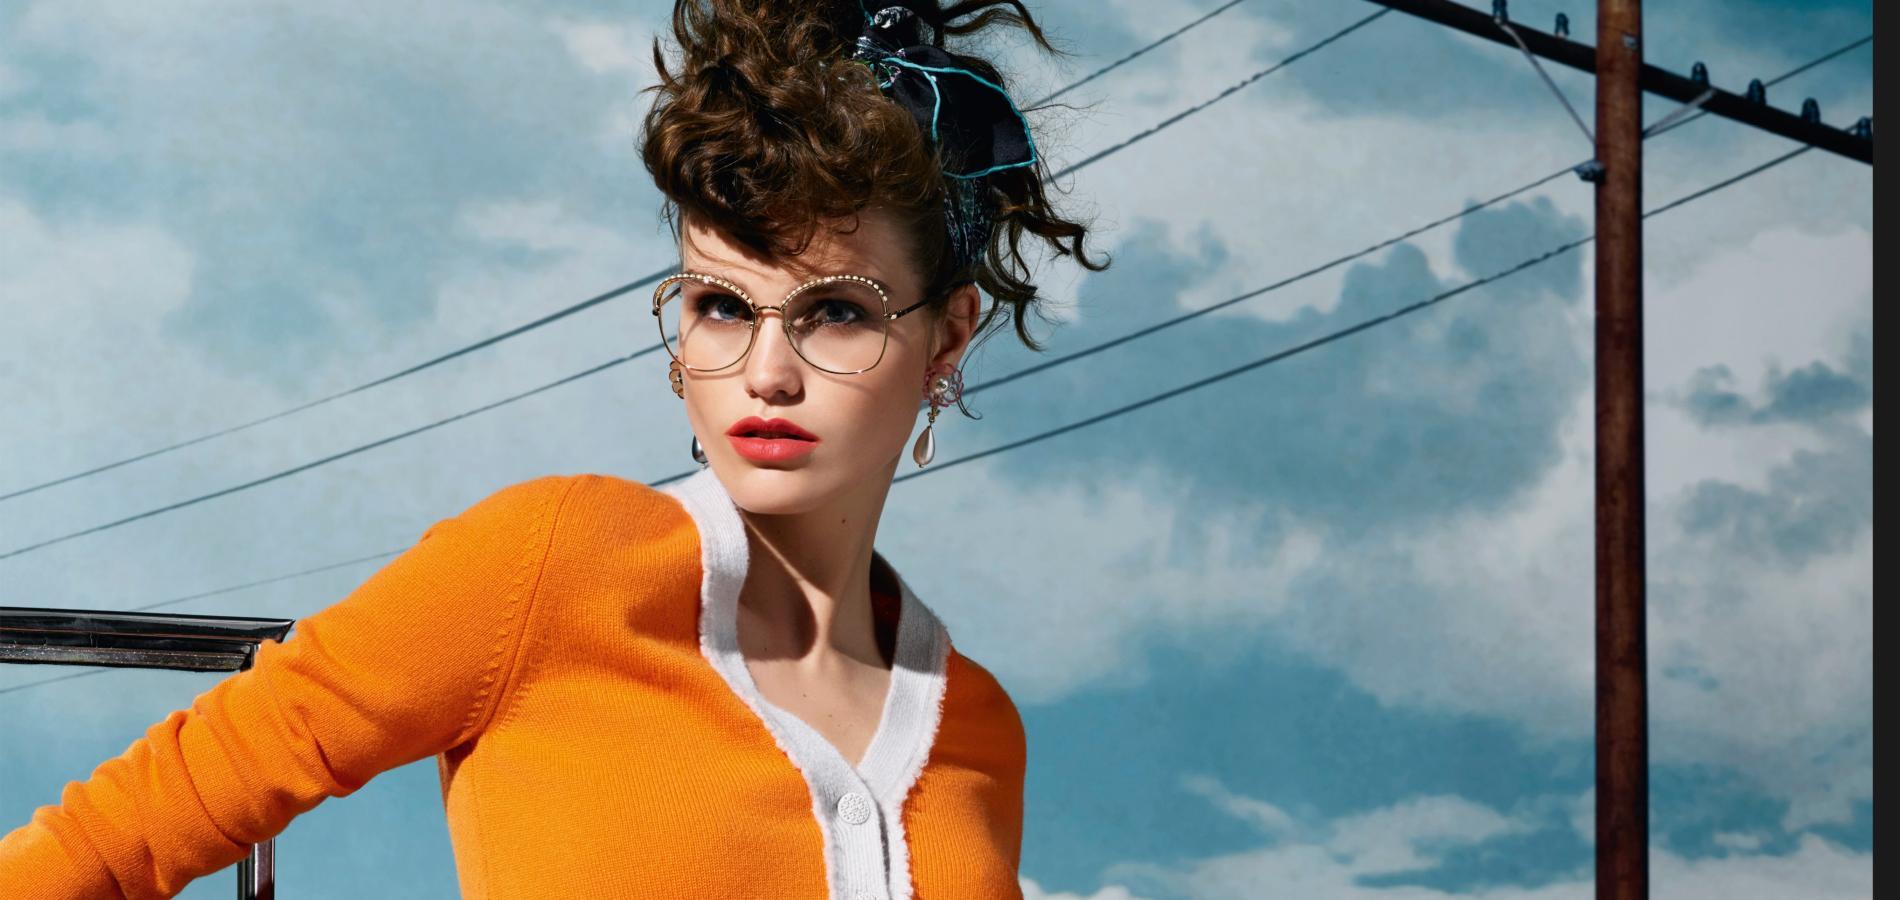 Il est venu le temps des lunettes de vue originales - Madame Figaro 93ad3ae27bce